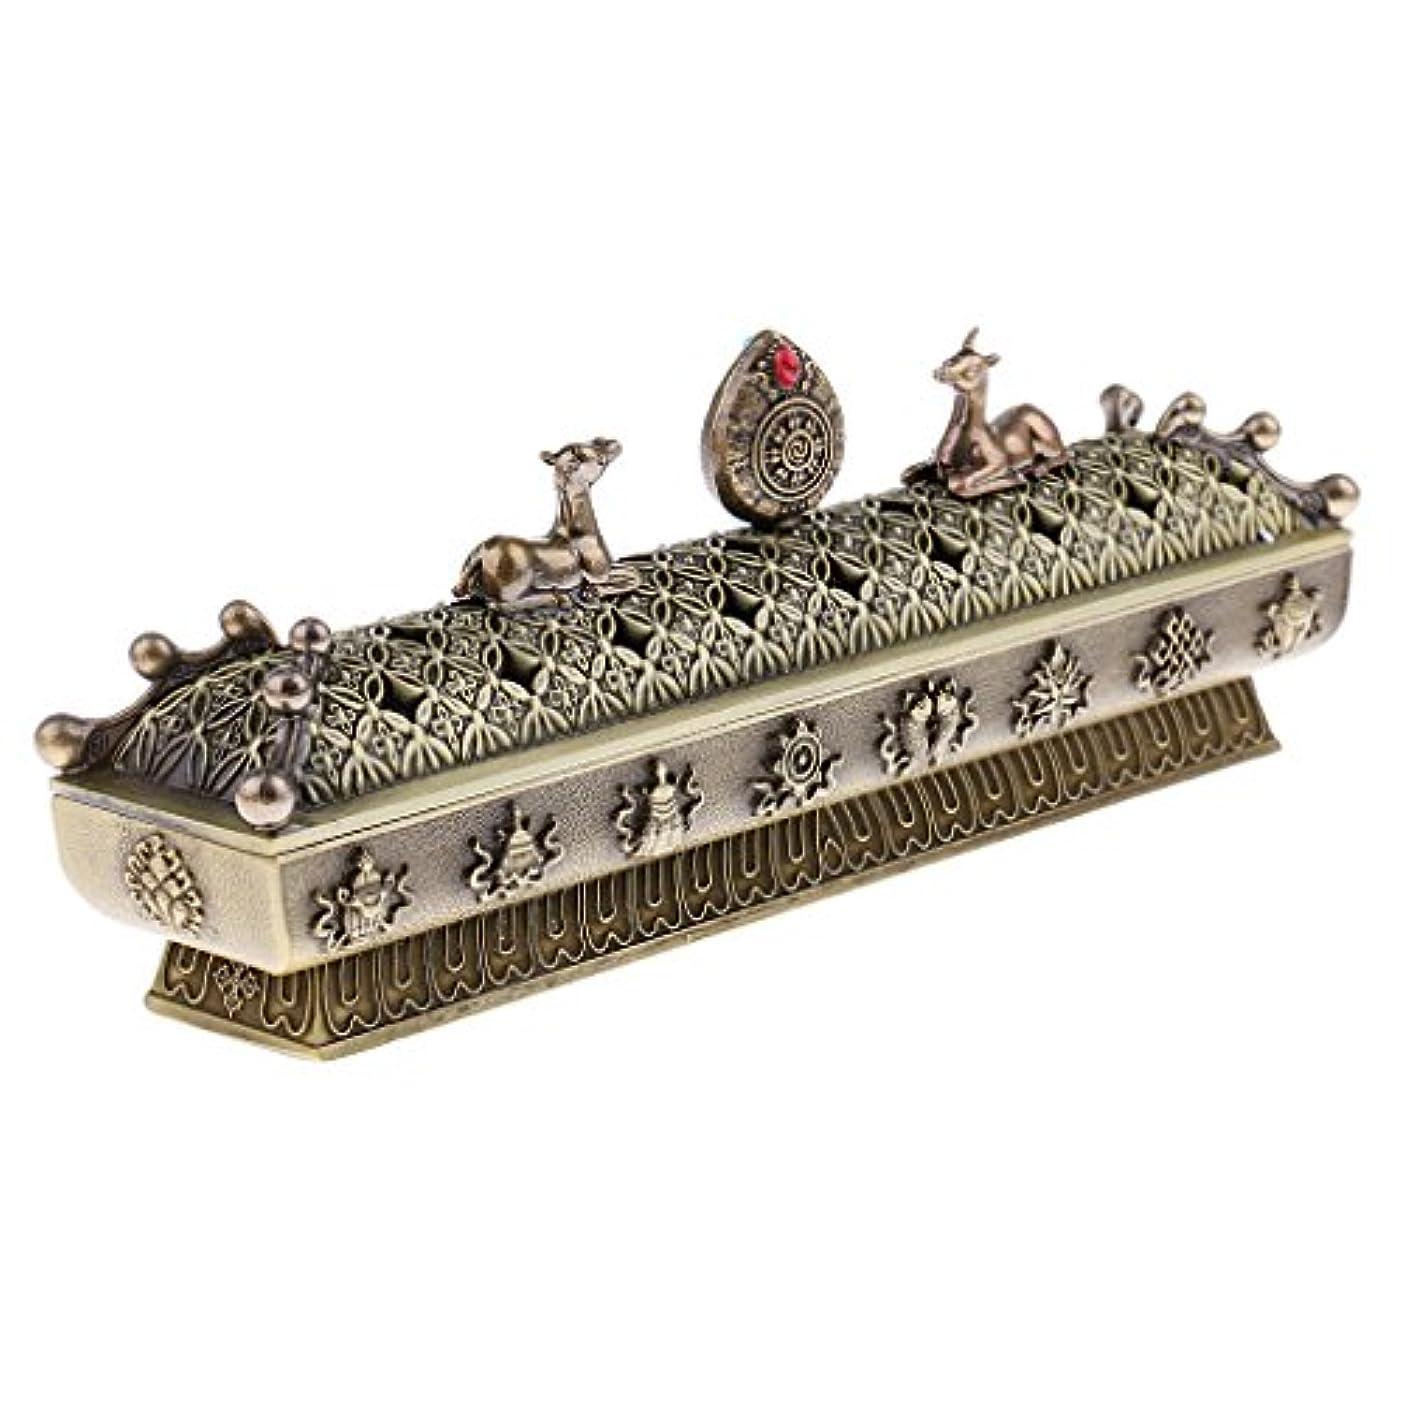 プレゼンテーション肝変形SONONIA 仏教 コーン 香りバーナー アッシュキャッチャー 香炉 全3色 - ブロンズ